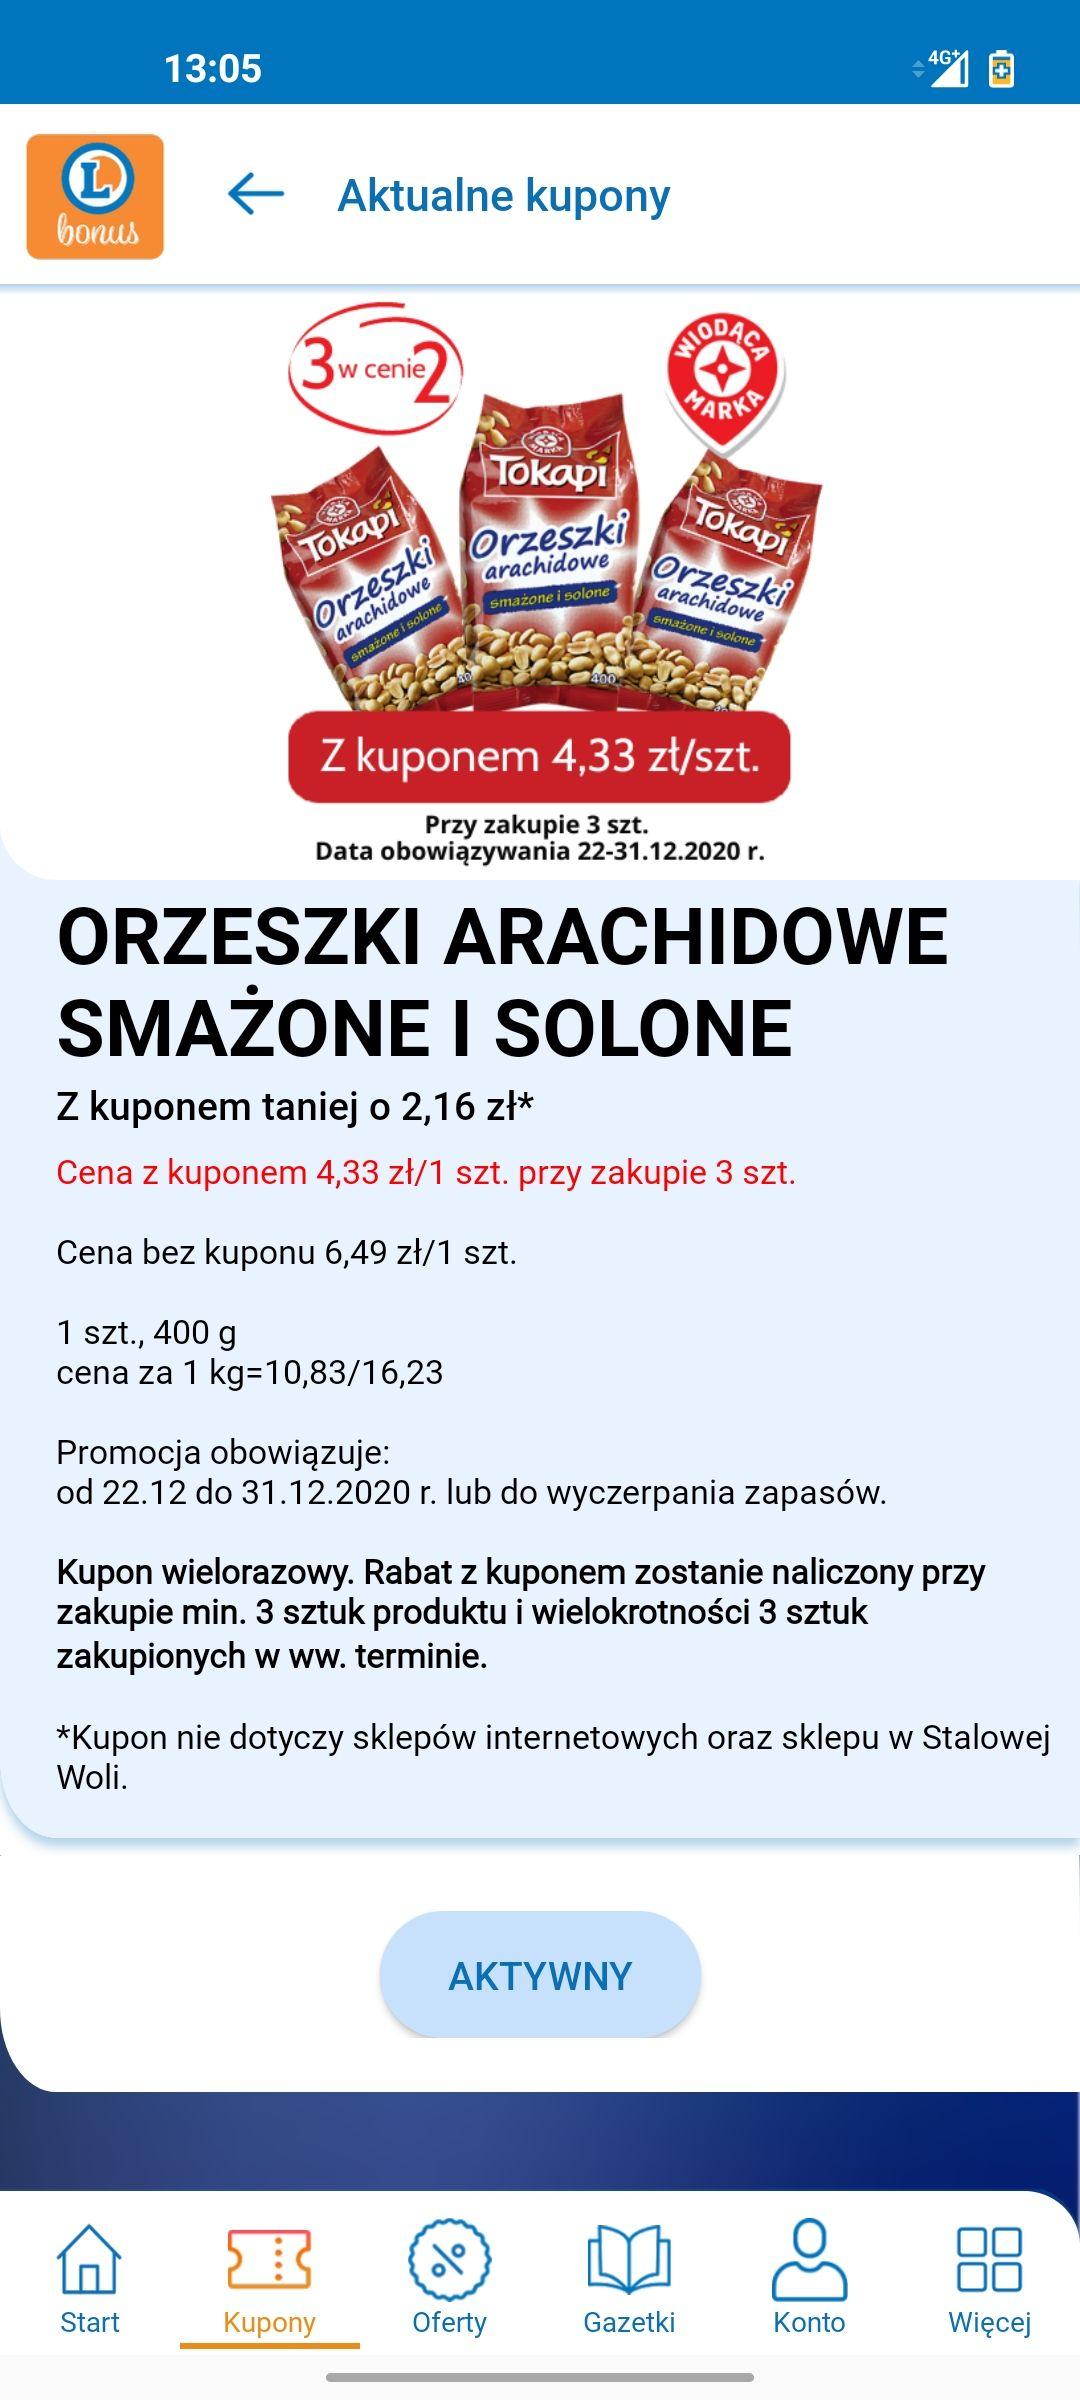 Orzeszki arachidowe 400g 3 w cenie 2 Leclerc